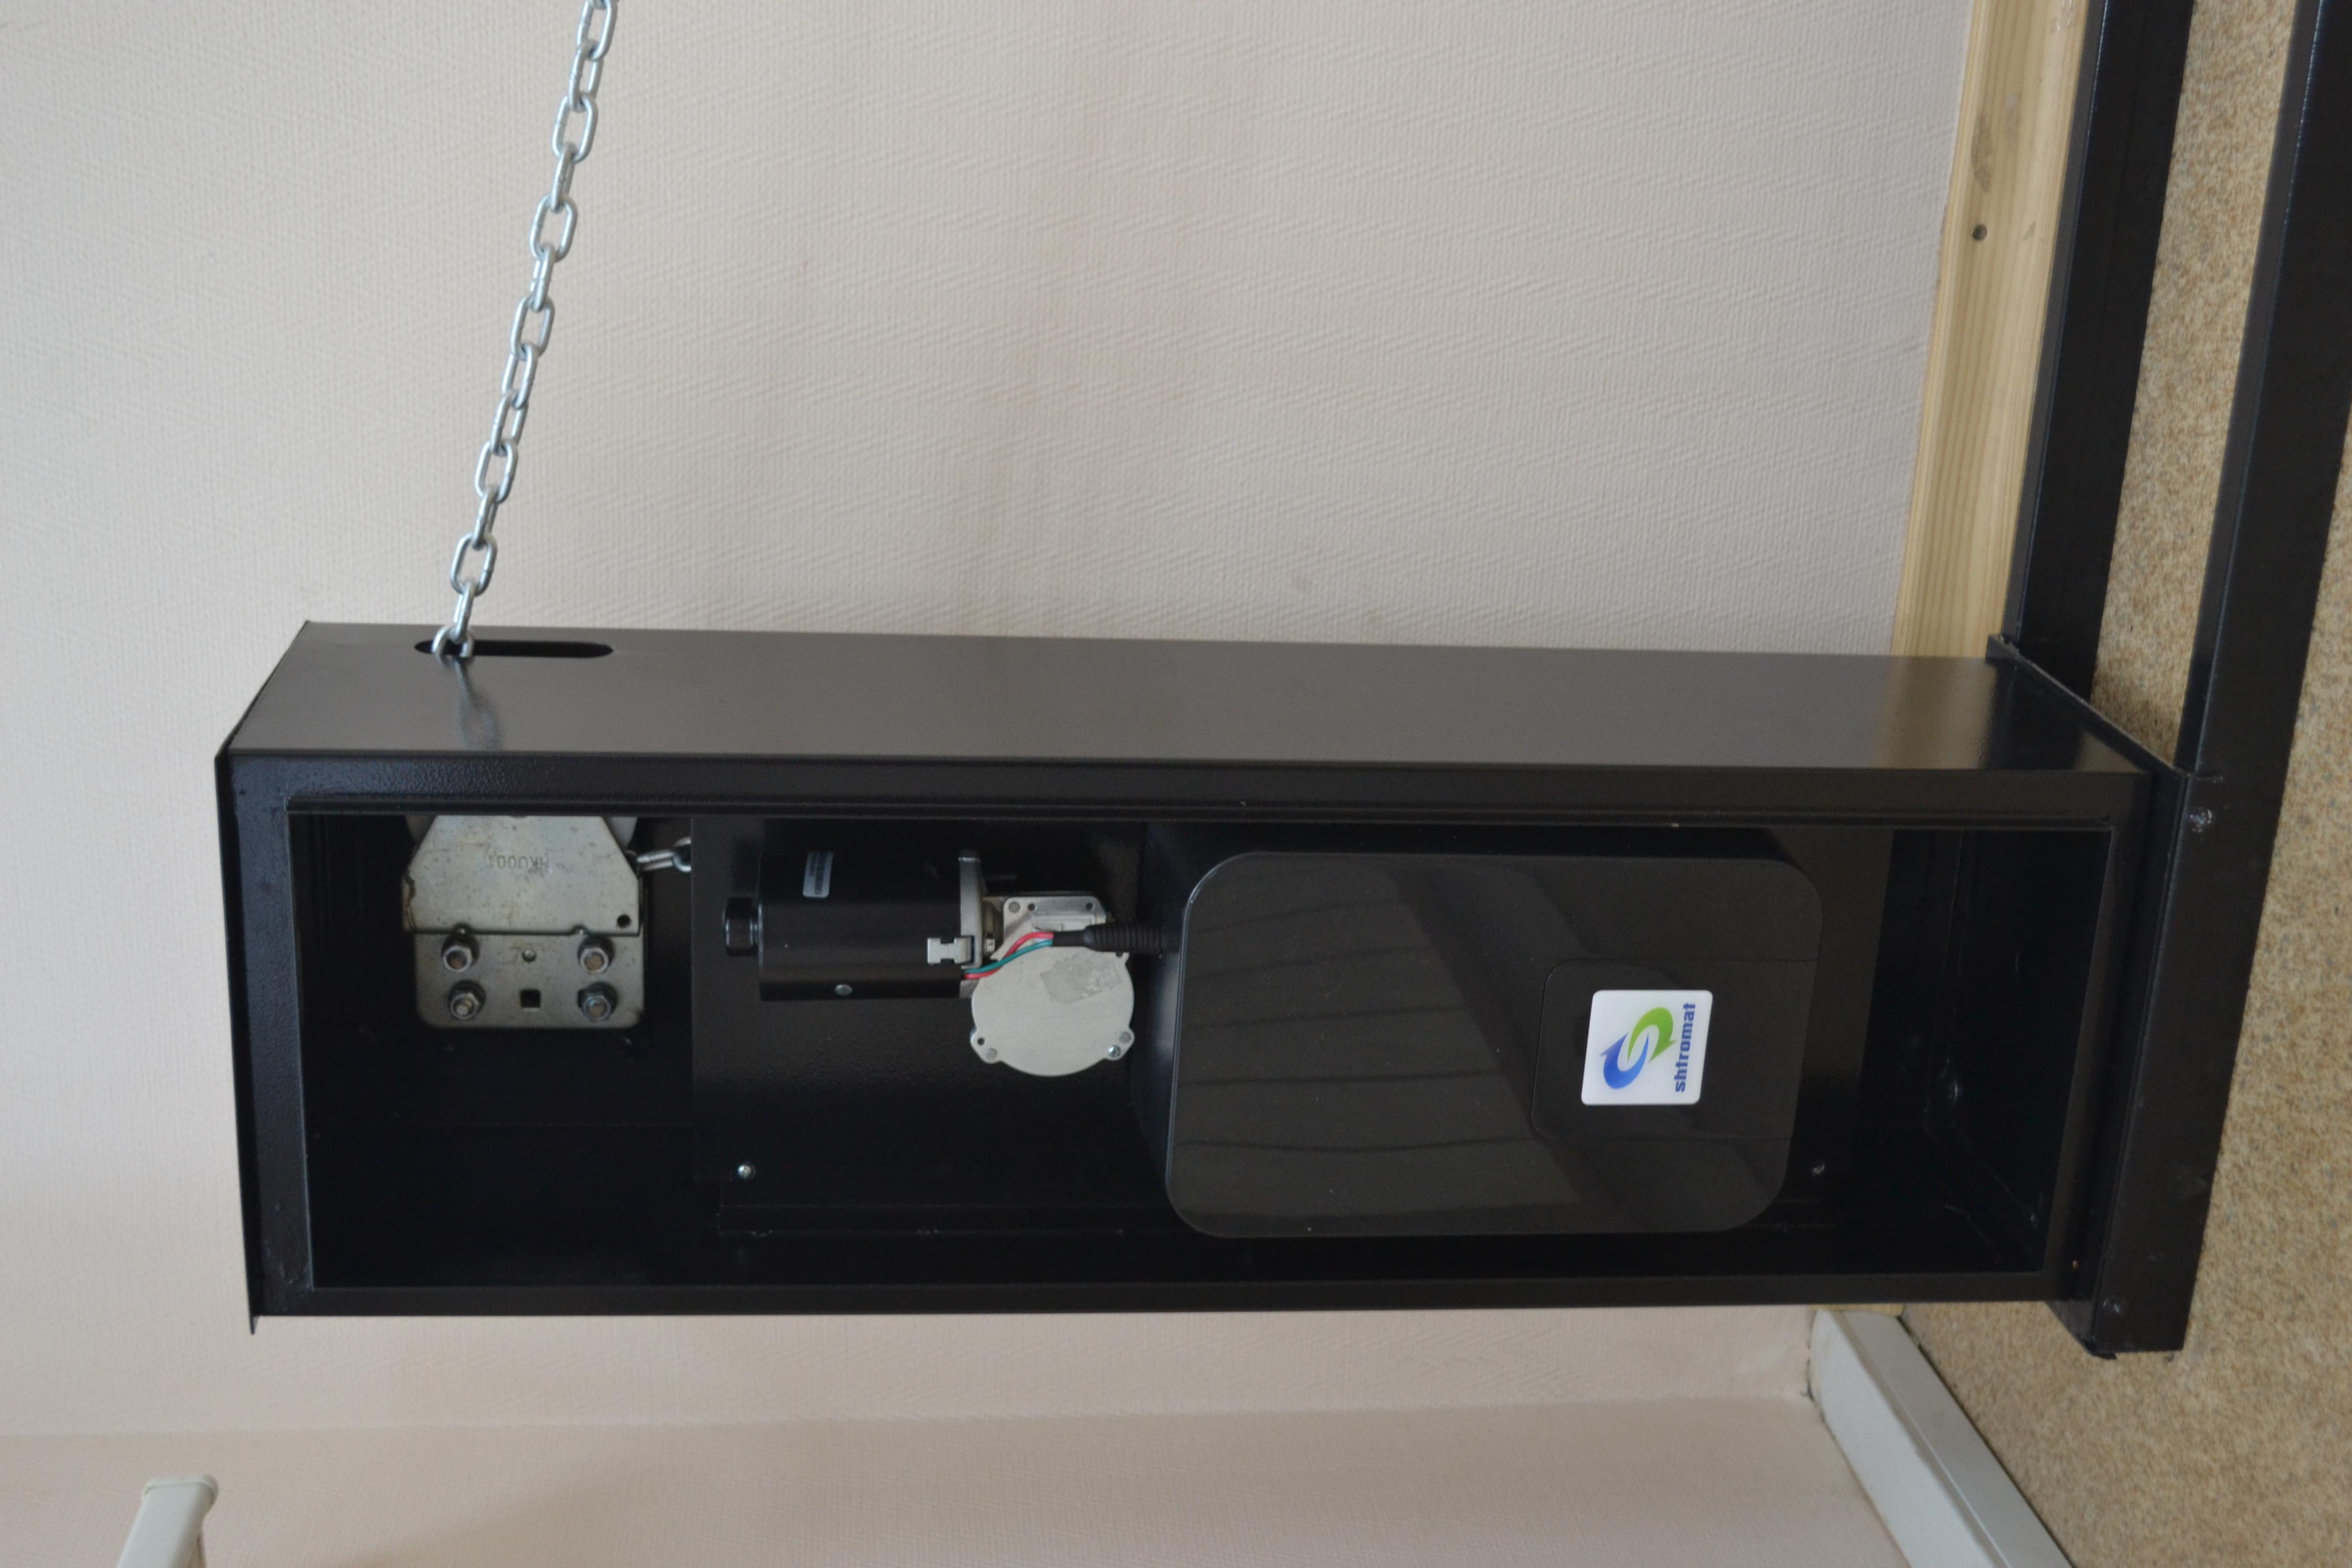 Shtromat KetteMatic -7